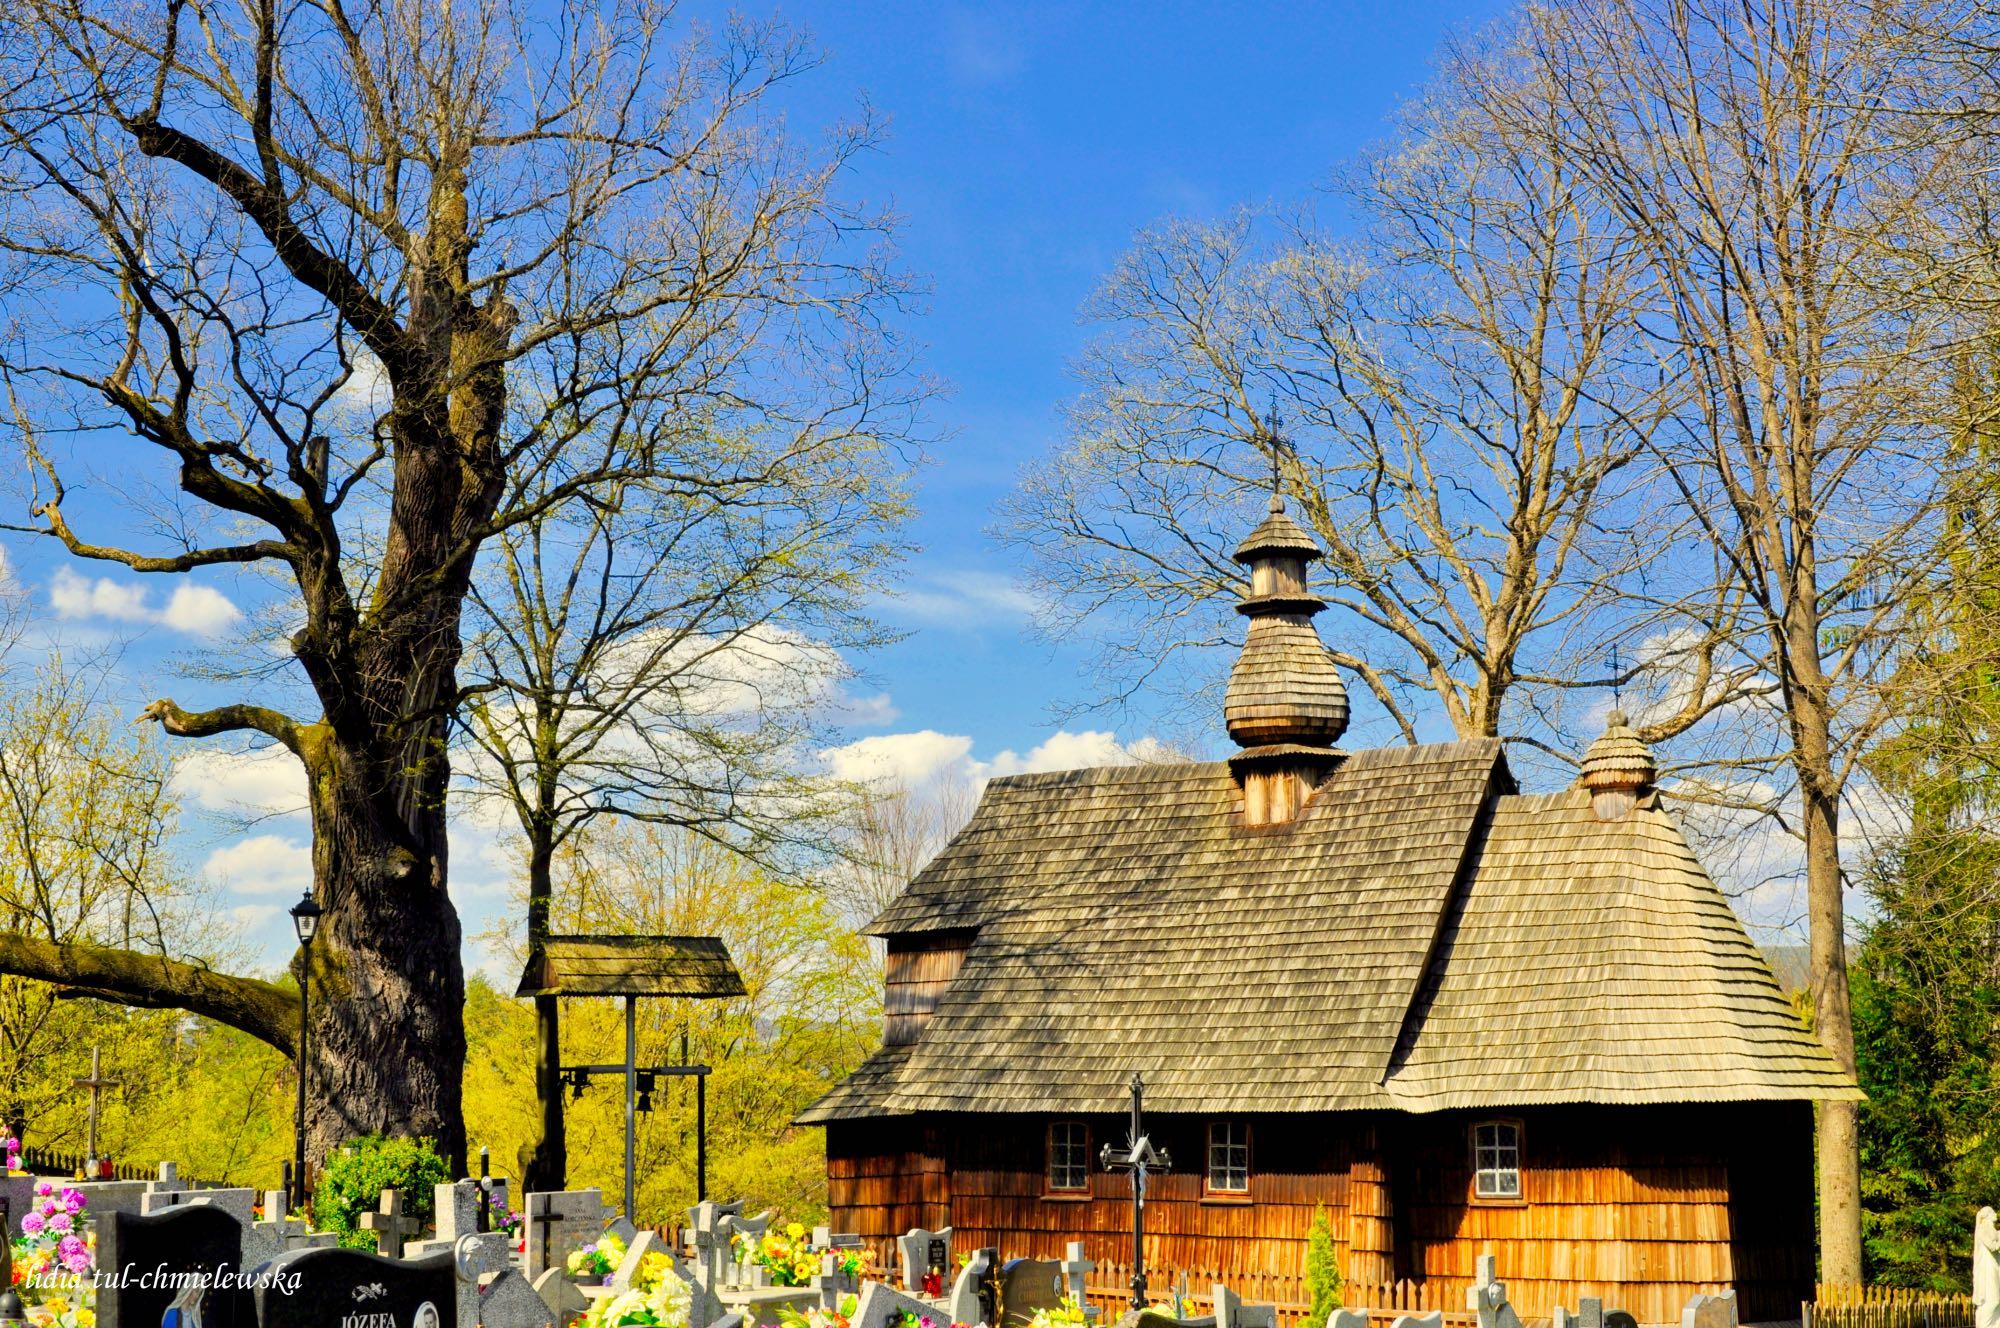 Miniaturowa cerkiew w Łodzinie pw. Narodzenia NMP / fot. Lidia Tul-Chmielewska